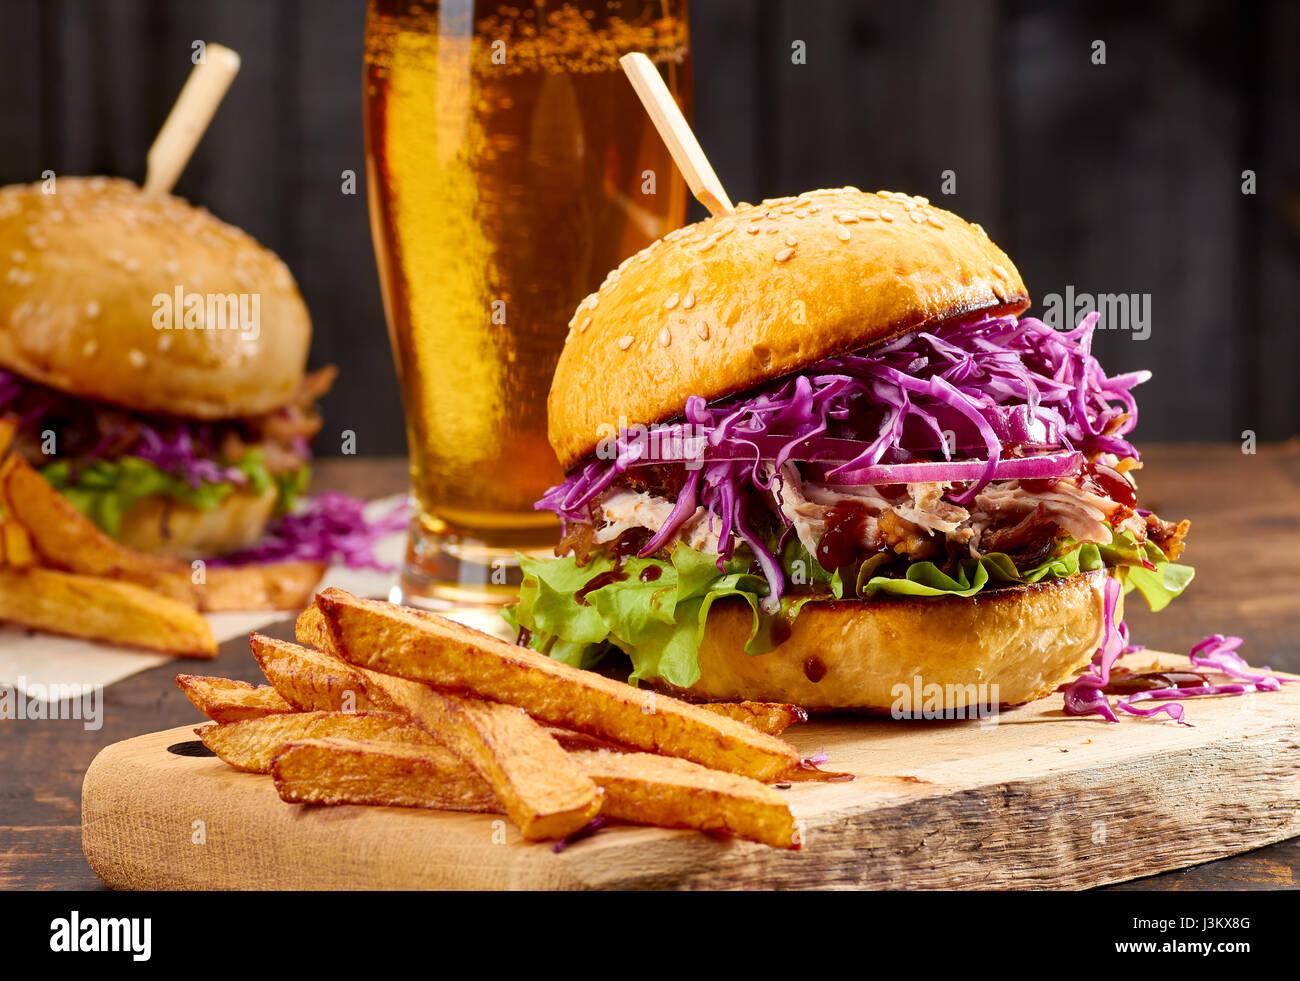 Avec deux sandwichs, de porc frites et verre de bière sur fond de bois Photo Stock